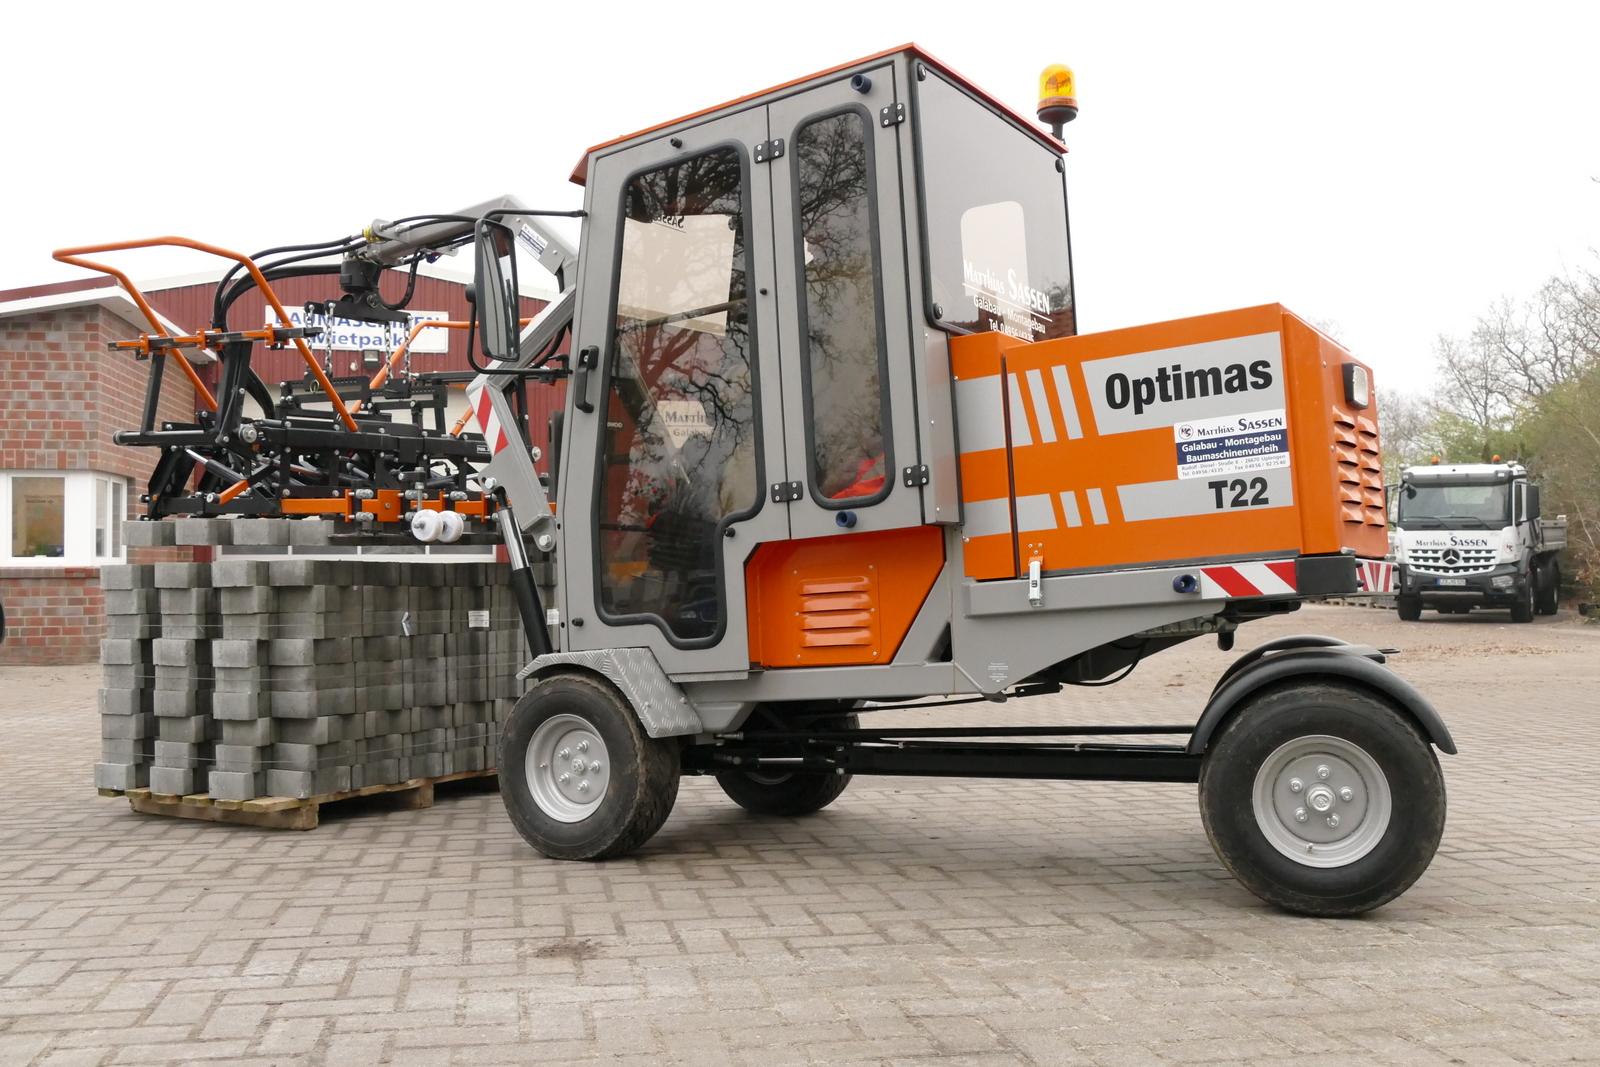 Die neue Optimas T 22 Pflasterverlegemaschine ist für mittlere Einsatzgrößengedacht. Bei der Firma Matthias Sassen wird sie bereits erfolgreich genutzt.